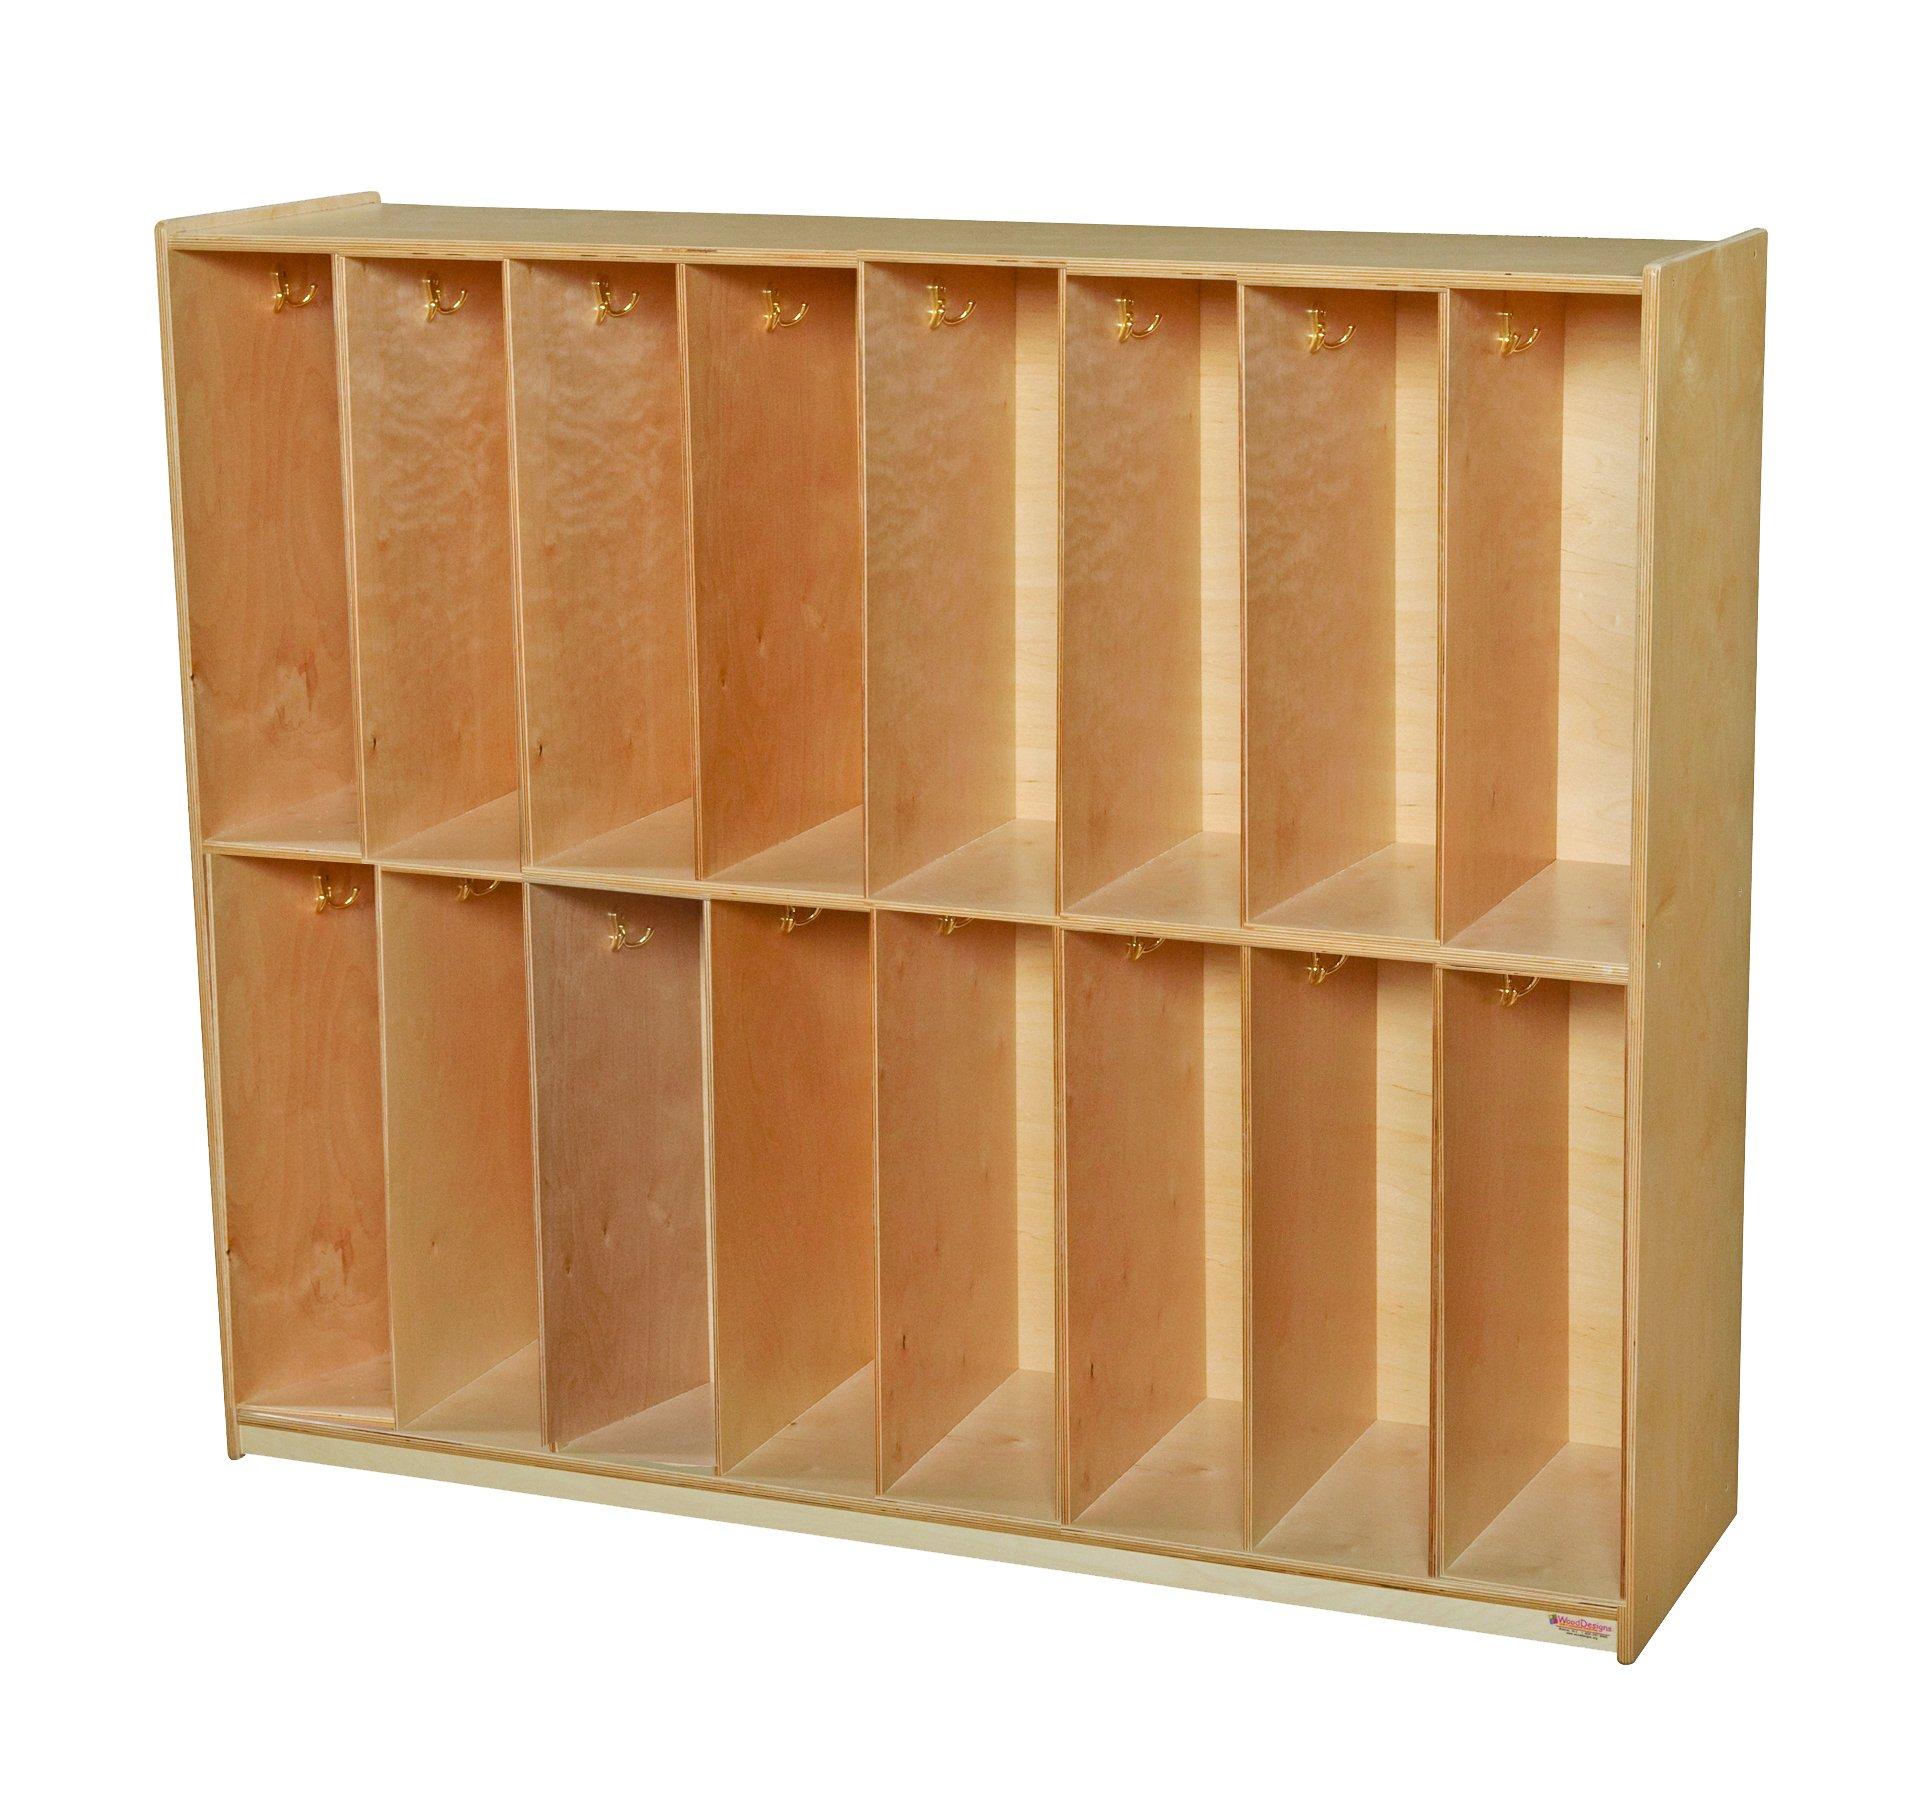 Wood Designs 51216 Sixteen Section Locker, 49'' Height, 52'' Width, 18'' Length